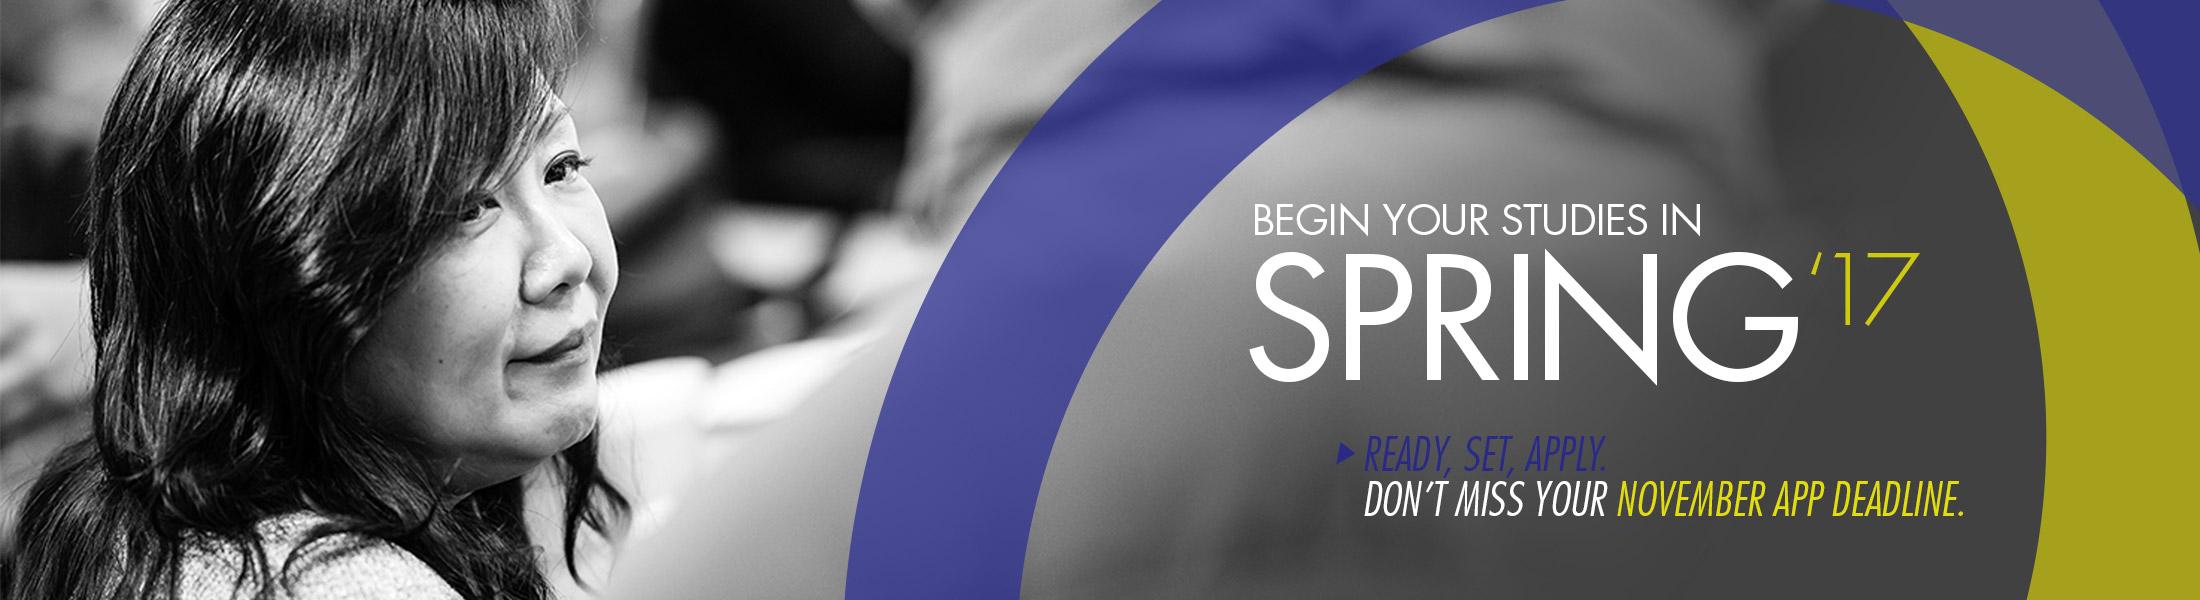 Apply by November deadlines to begin studies in spring 2017.